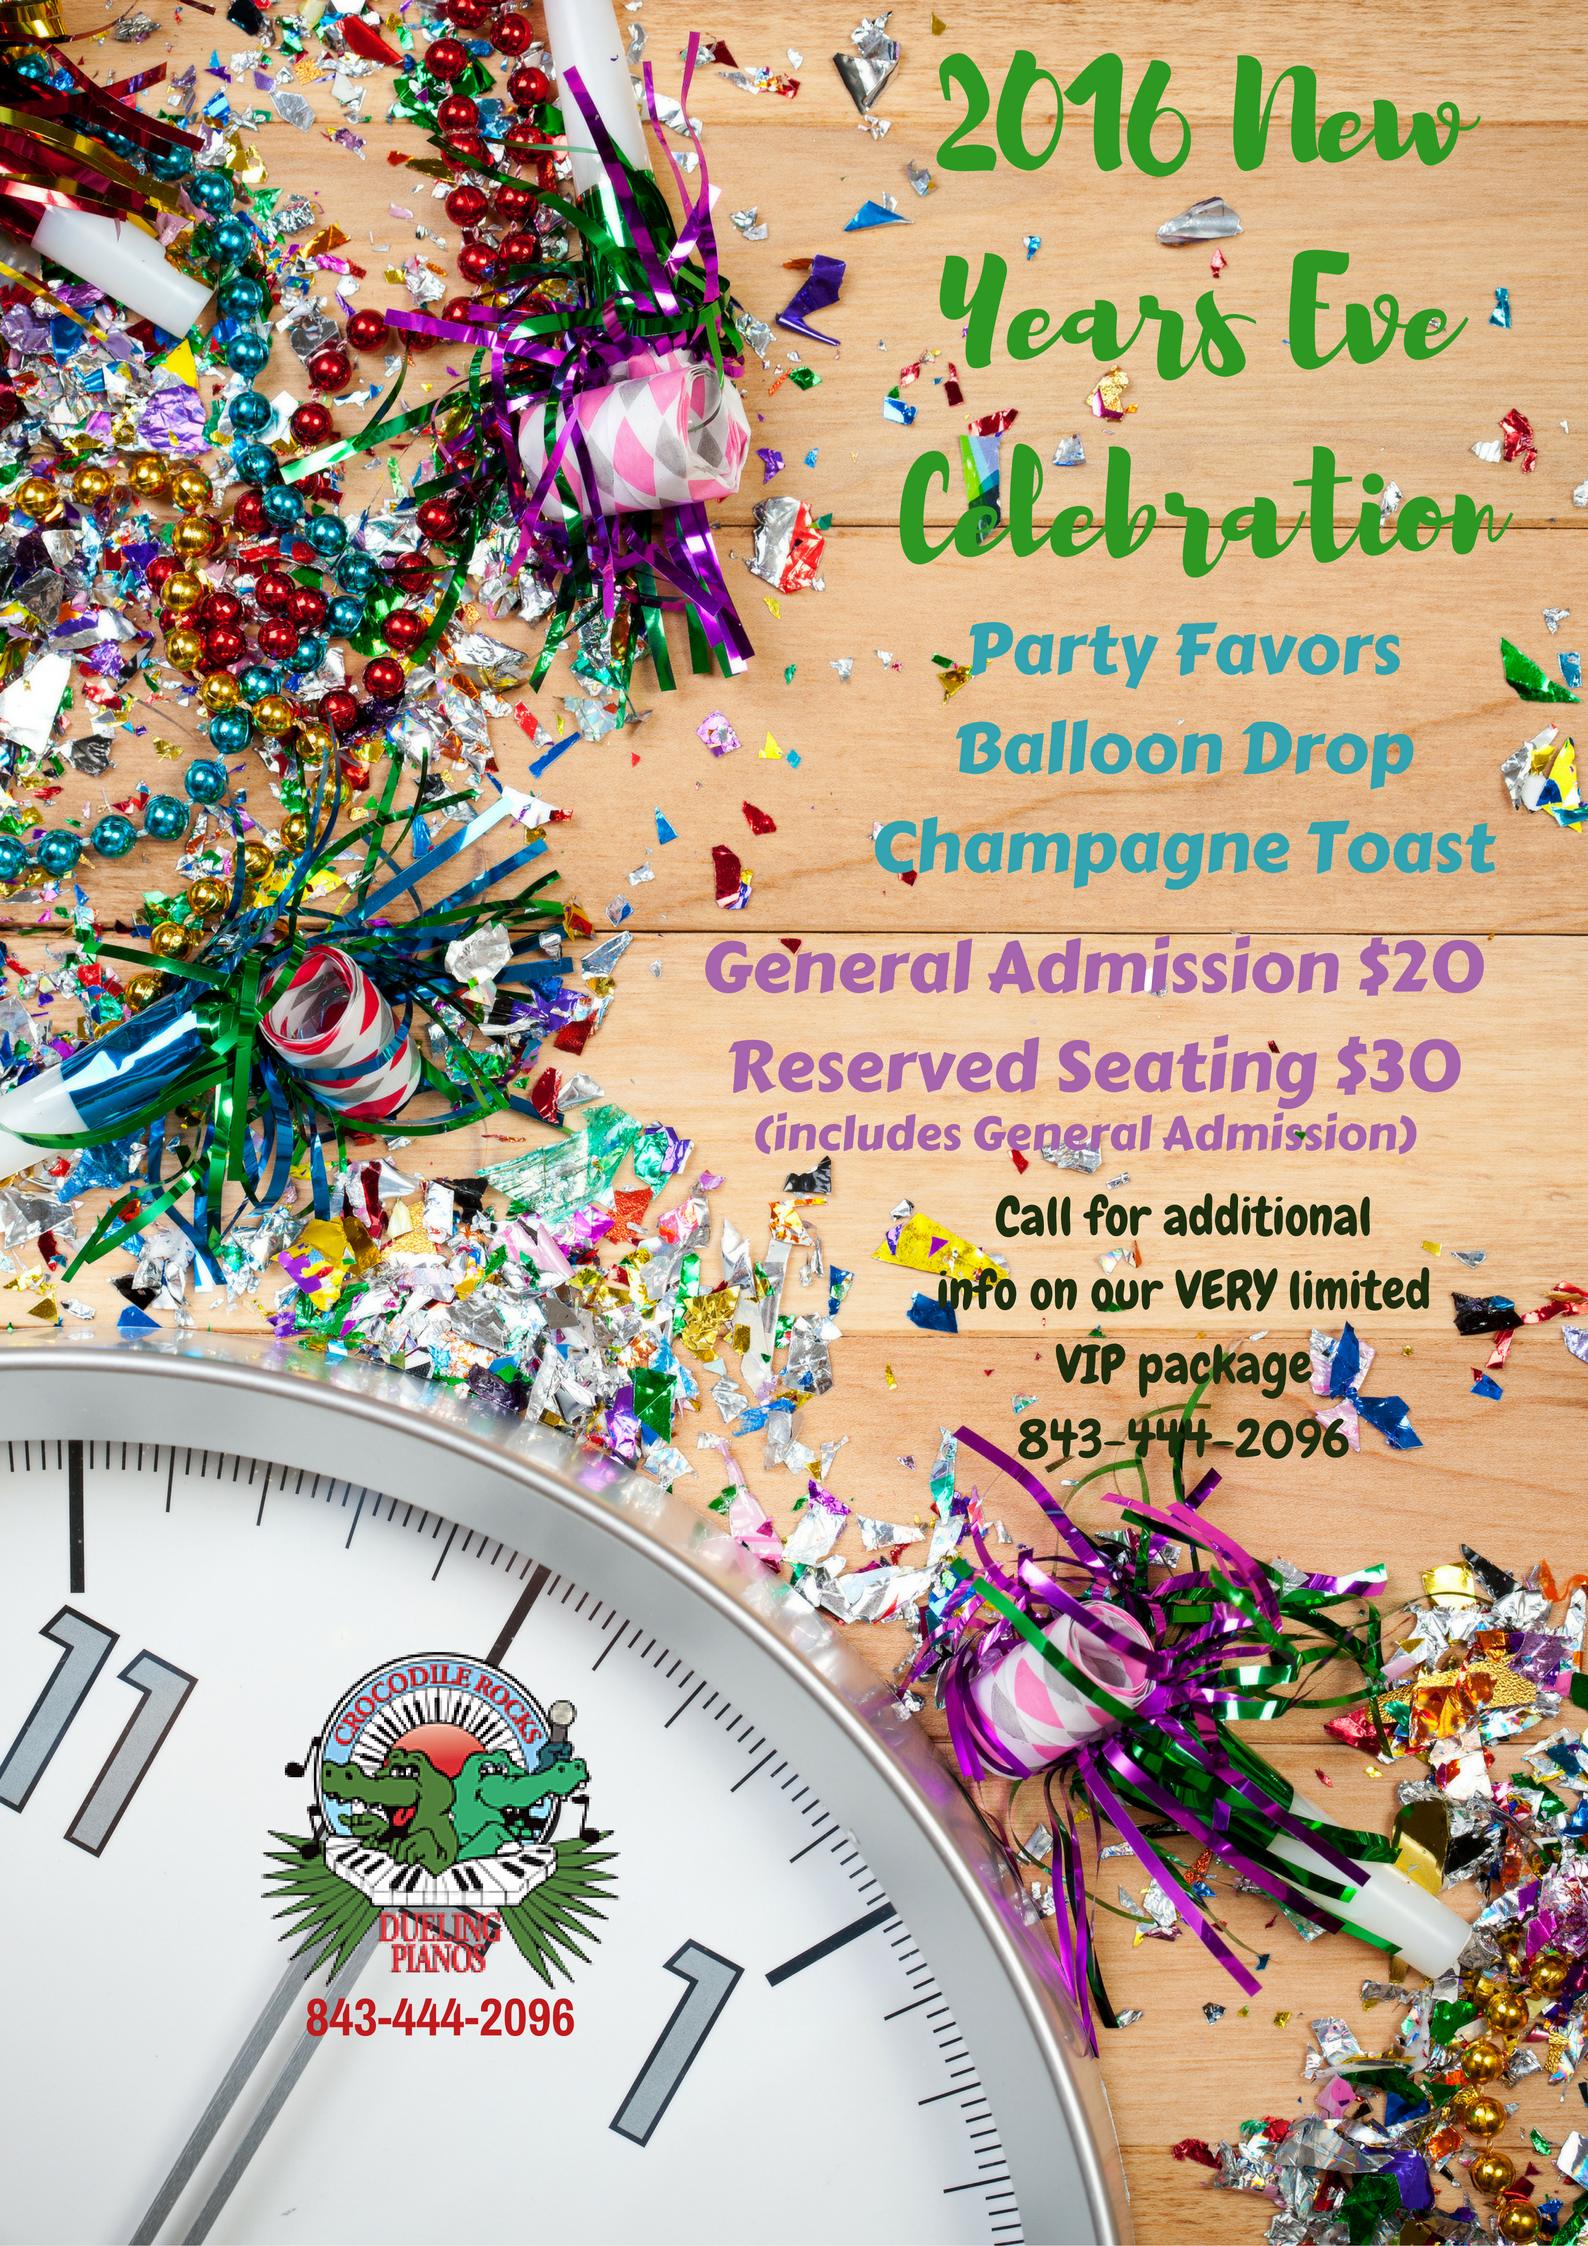 2016-new-years-eve-celebration